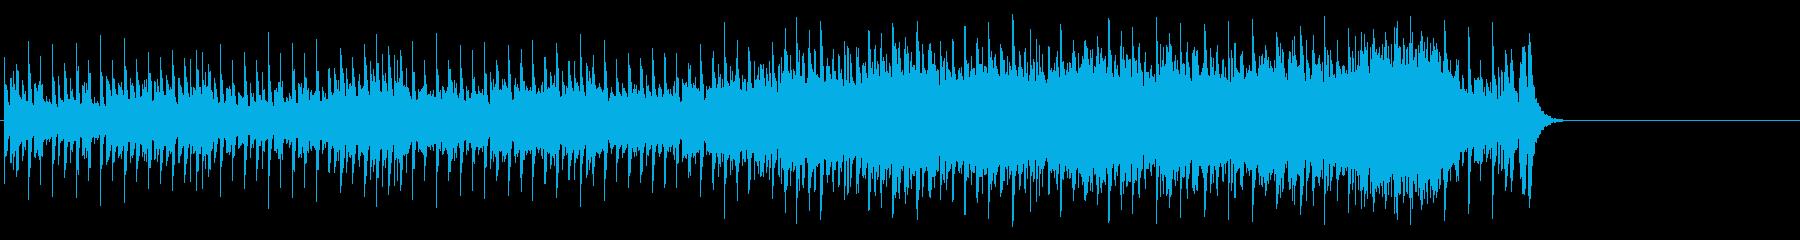 愉快で夢のあるポップ(A~サビ~エンド)の再生済みの波形